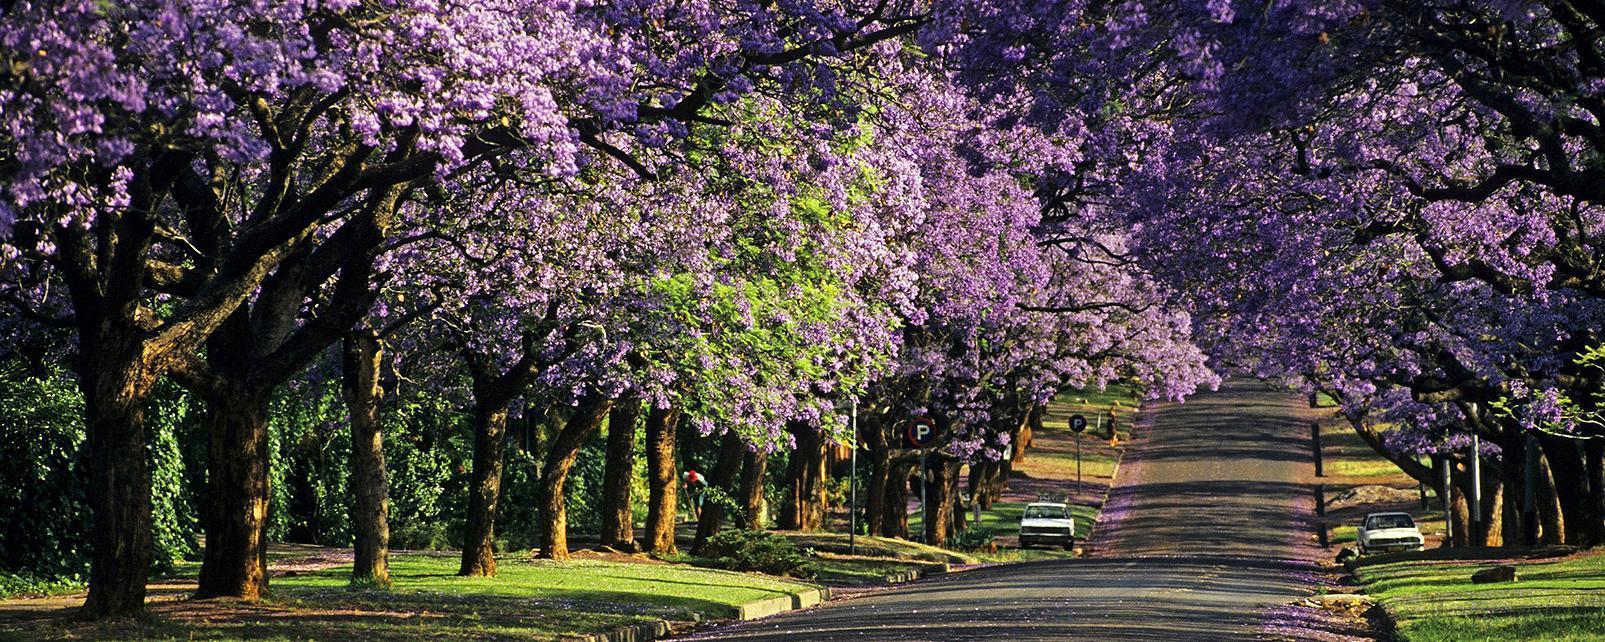 Afrique, Afrique du Sud, Pretoria, rue, voiture, arbre, fleuri, fleur, route,